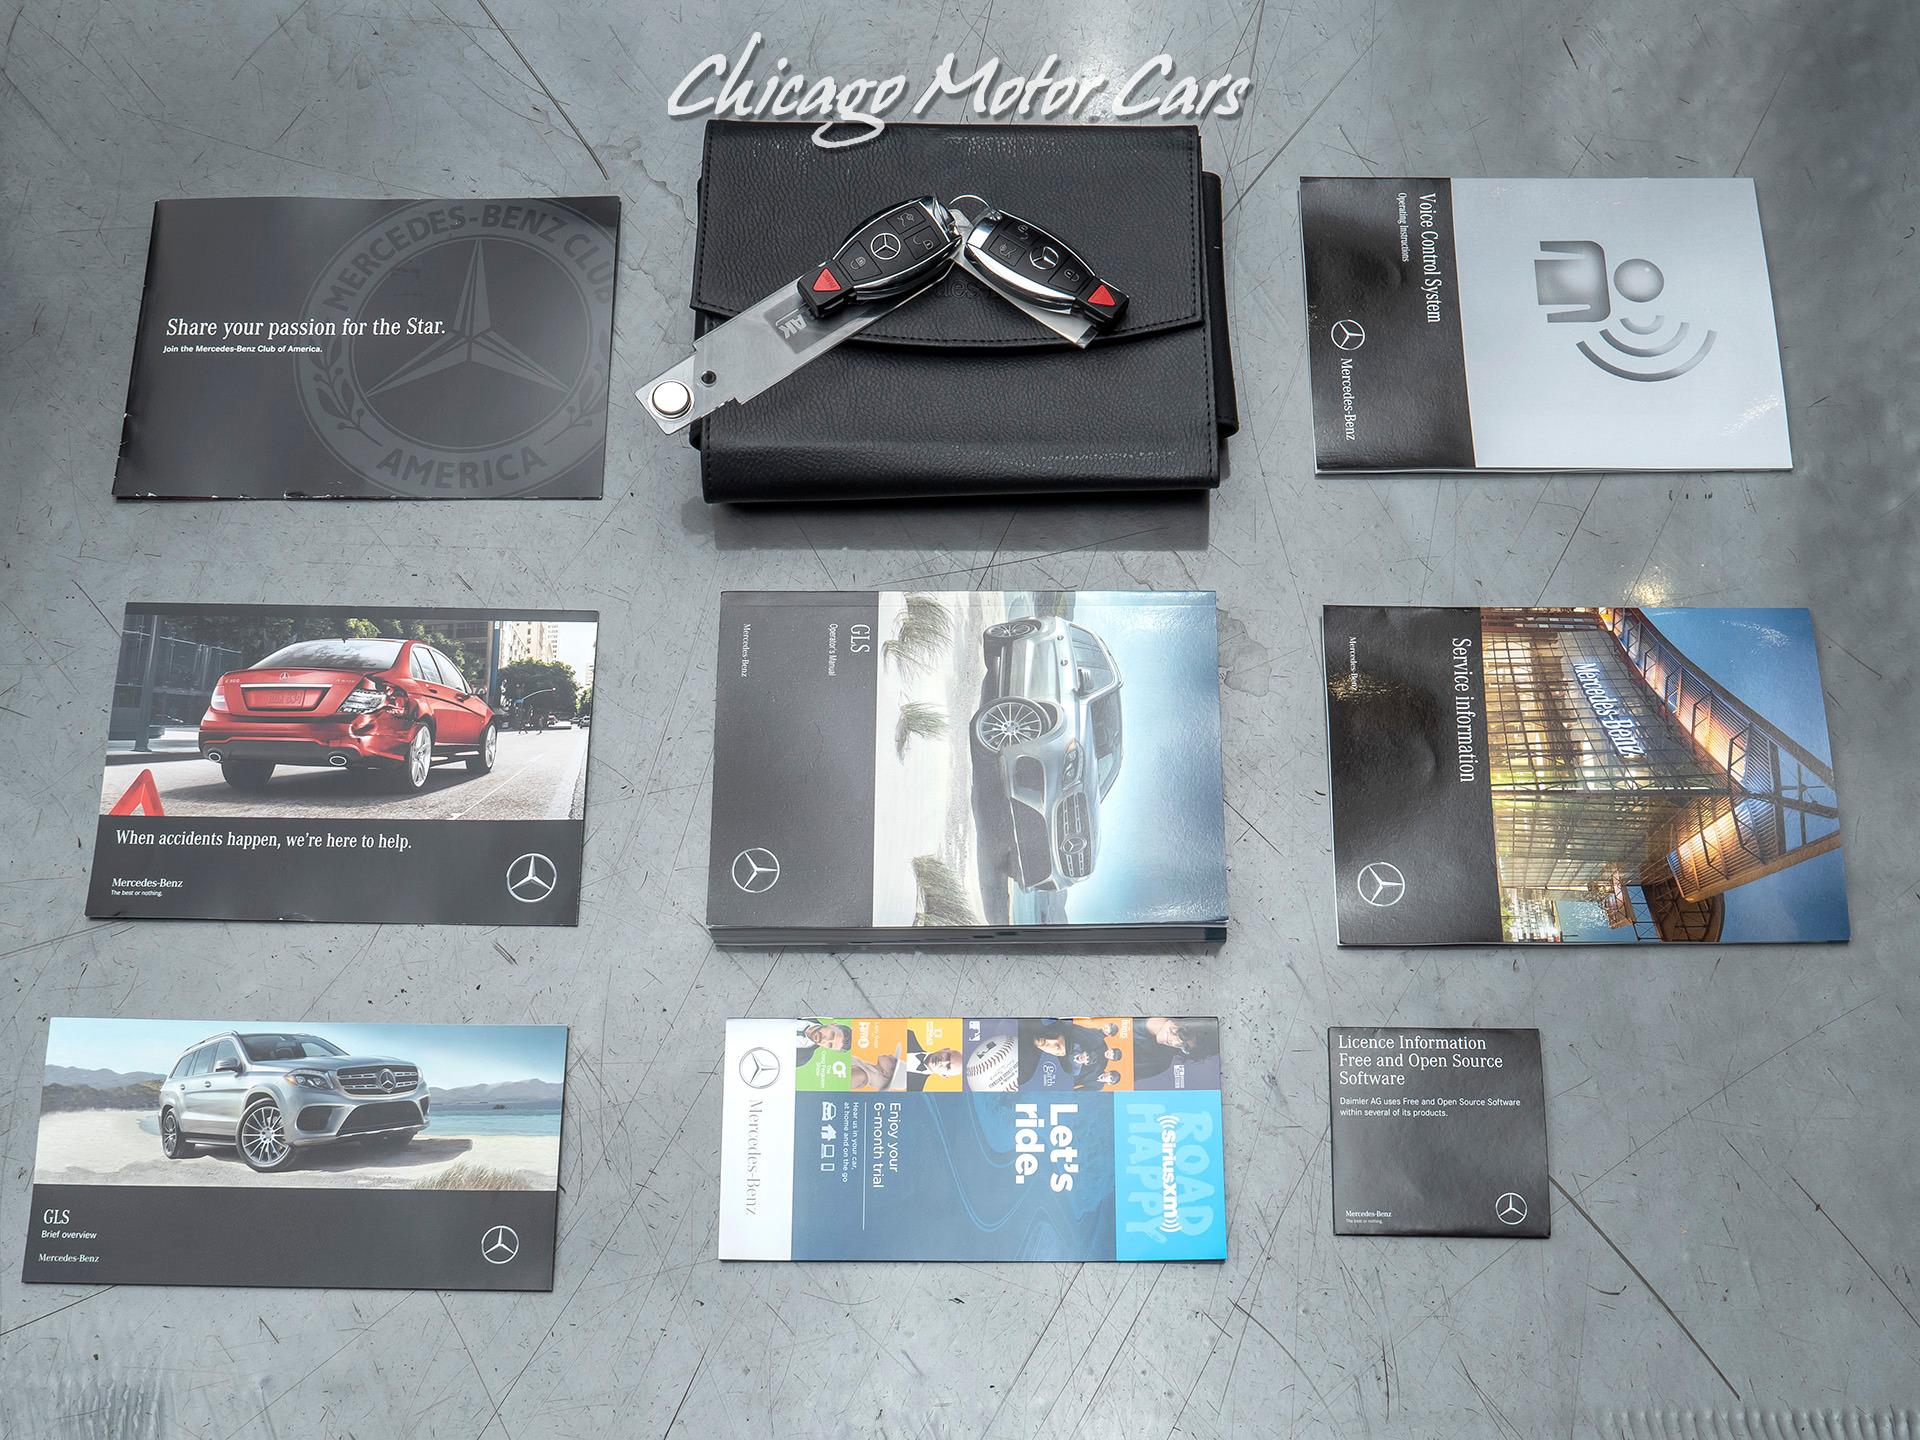 Used 2018 Mercedes-Benz GLS63 AMG **$135,050 MSRP** For Sale